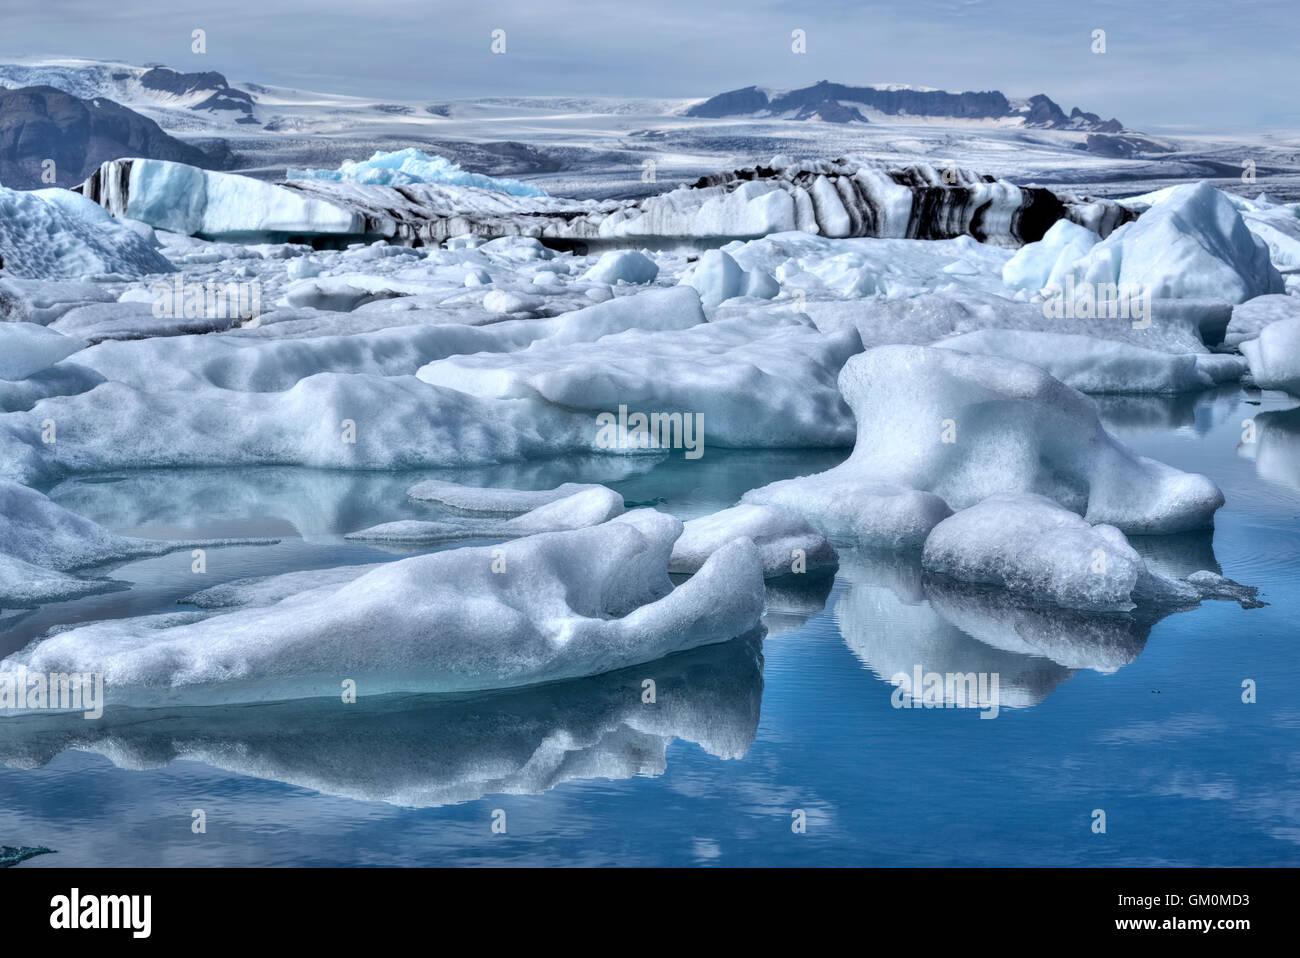 Jokulsarlon, Iceberg, Parc national du Vatnajökull, glacier Breidamerkurjokull, Islande Photo Stock